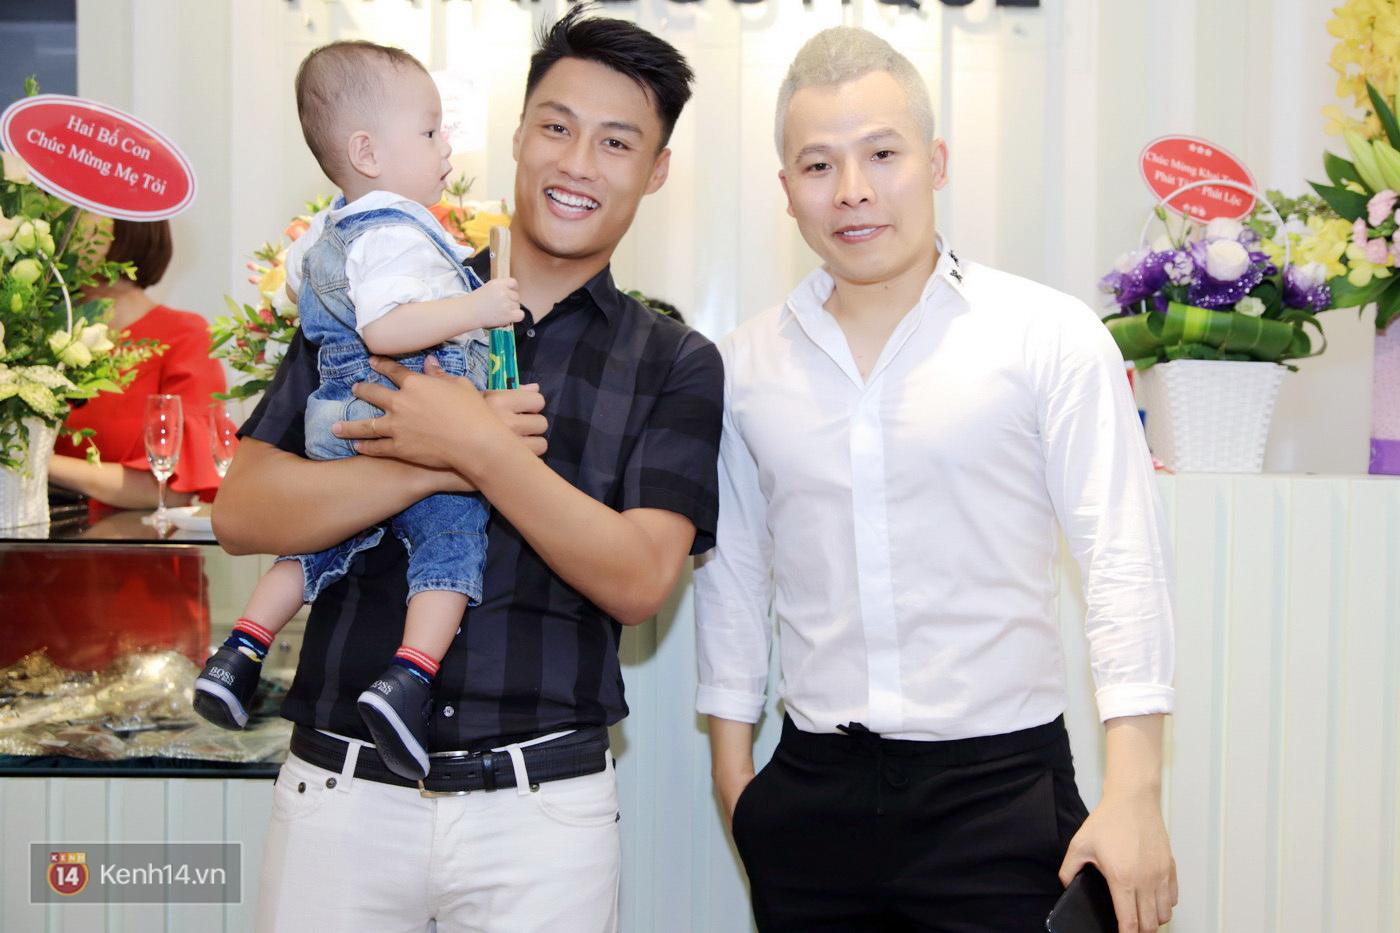 Ngọc Trinh bay ra Hà Nội chúc mừng gia đình Kỳ Hân - Mạc Hồng Quân - Ảnh 6.